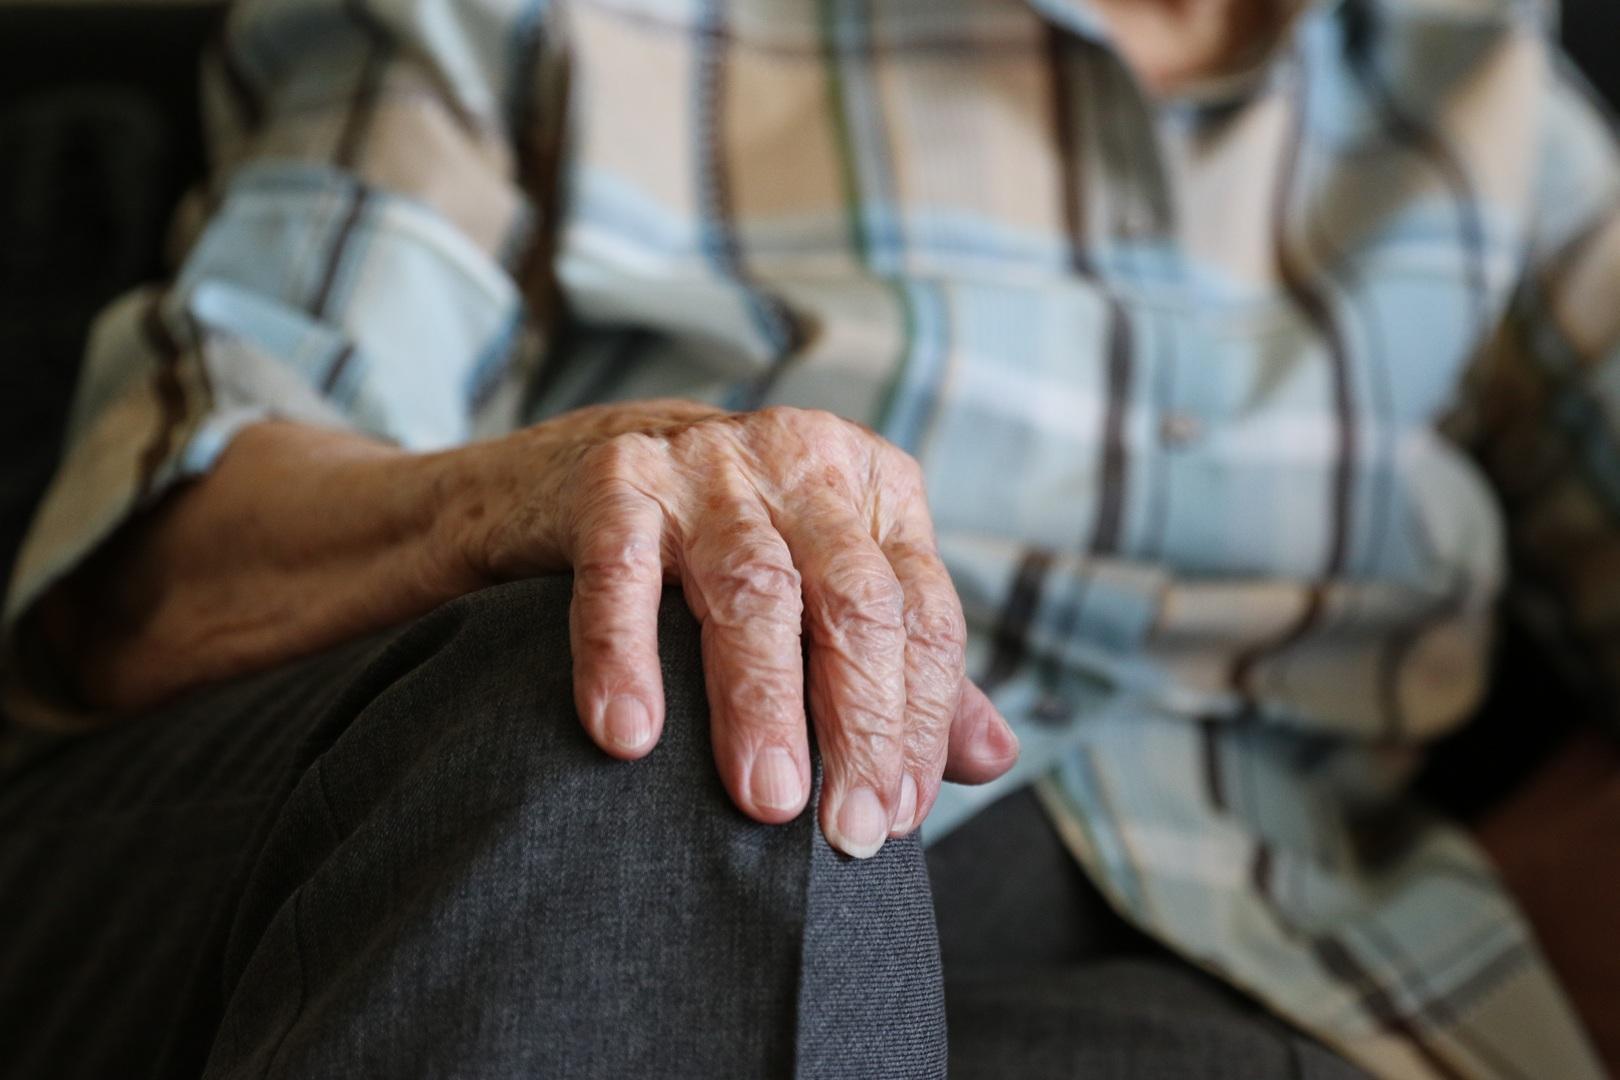 ВРязани попытка задушить супругу повернулась пенсионеру статьейУК РФ